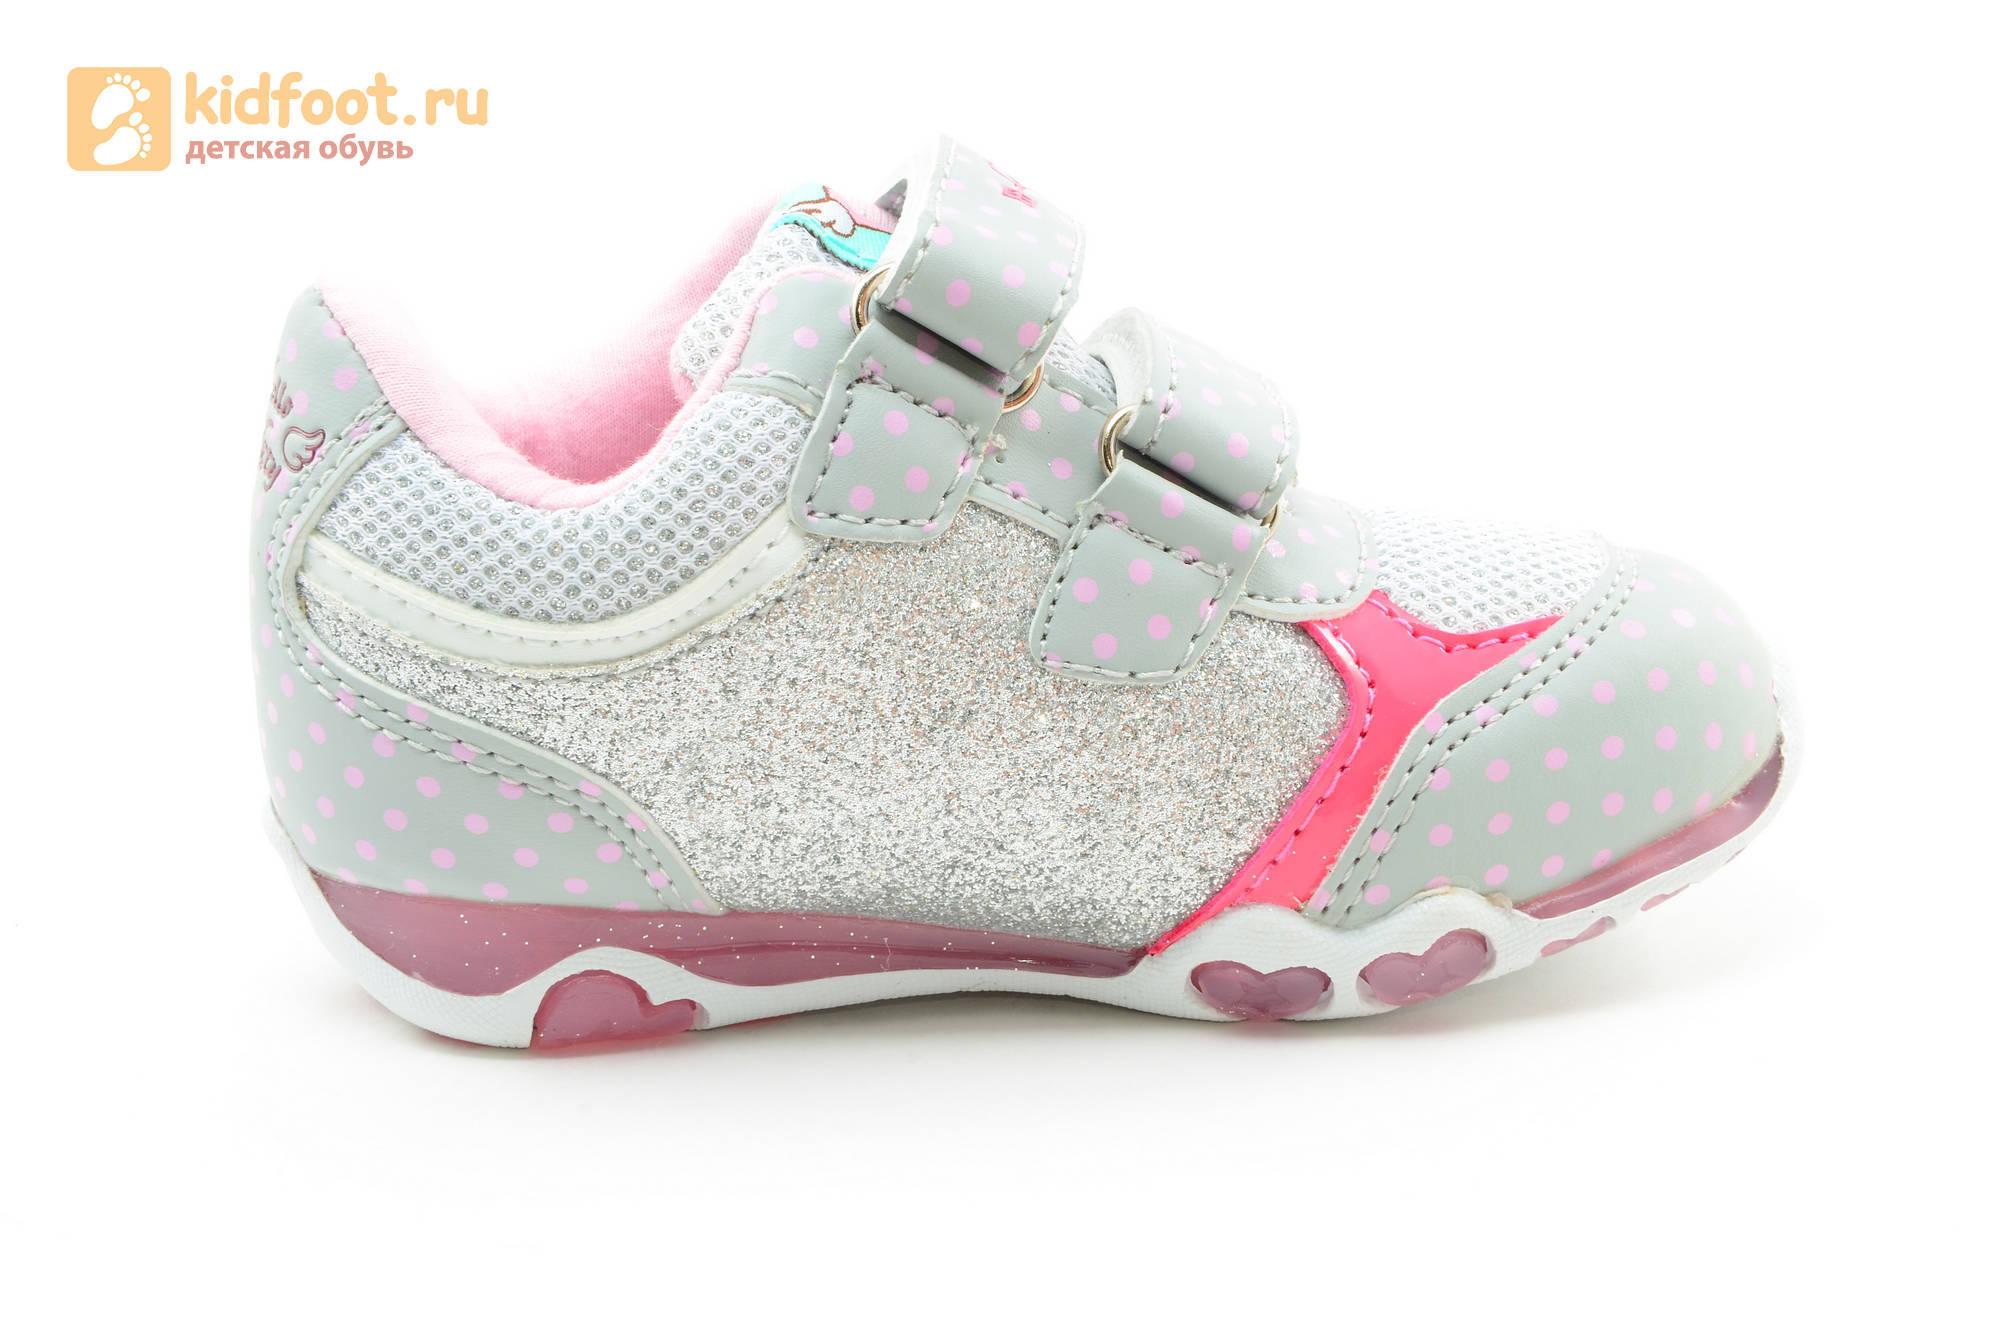 Светящиеся кроссовки для девочек Хелло Китти (Hello Kitty) на липучках, цвет серый, мигает картинка сбоку